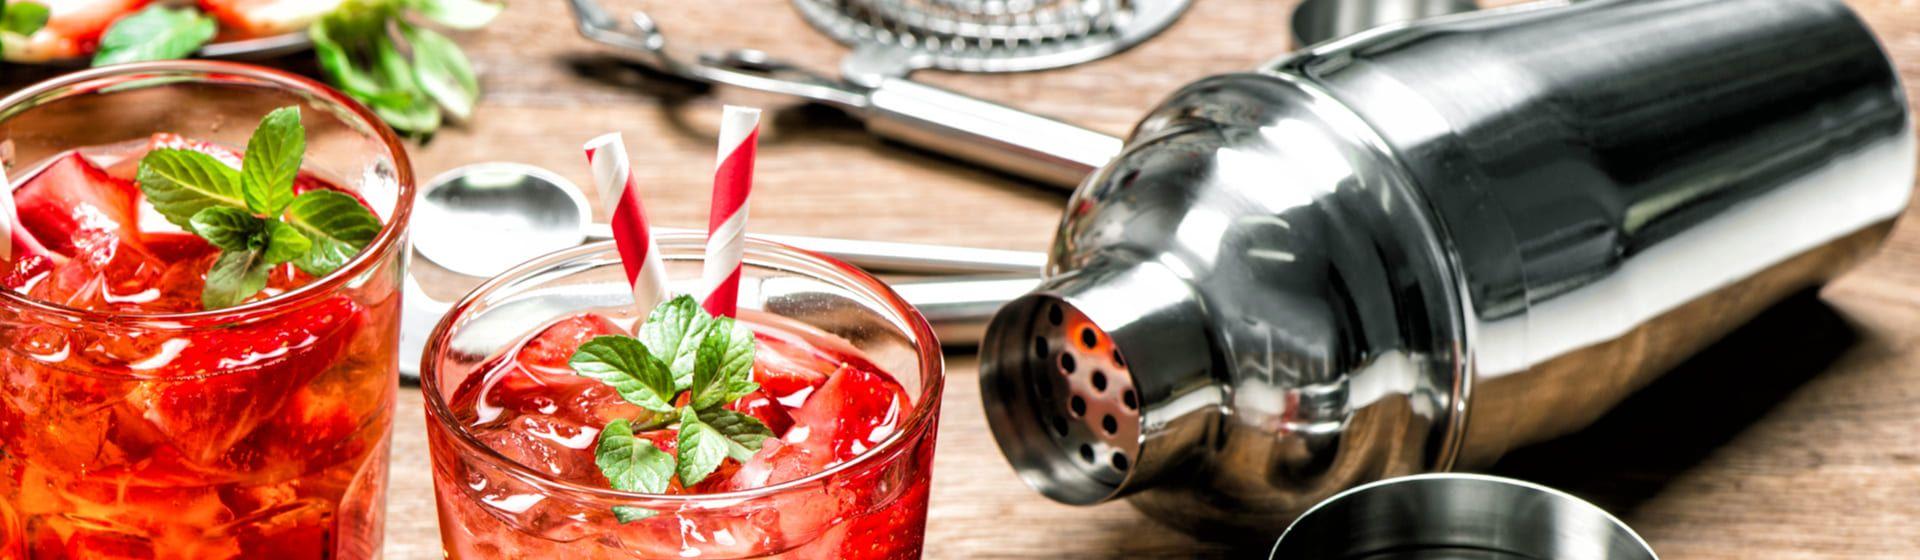 Coqueteleiras para drinks: conheça os 5 melhores modelos